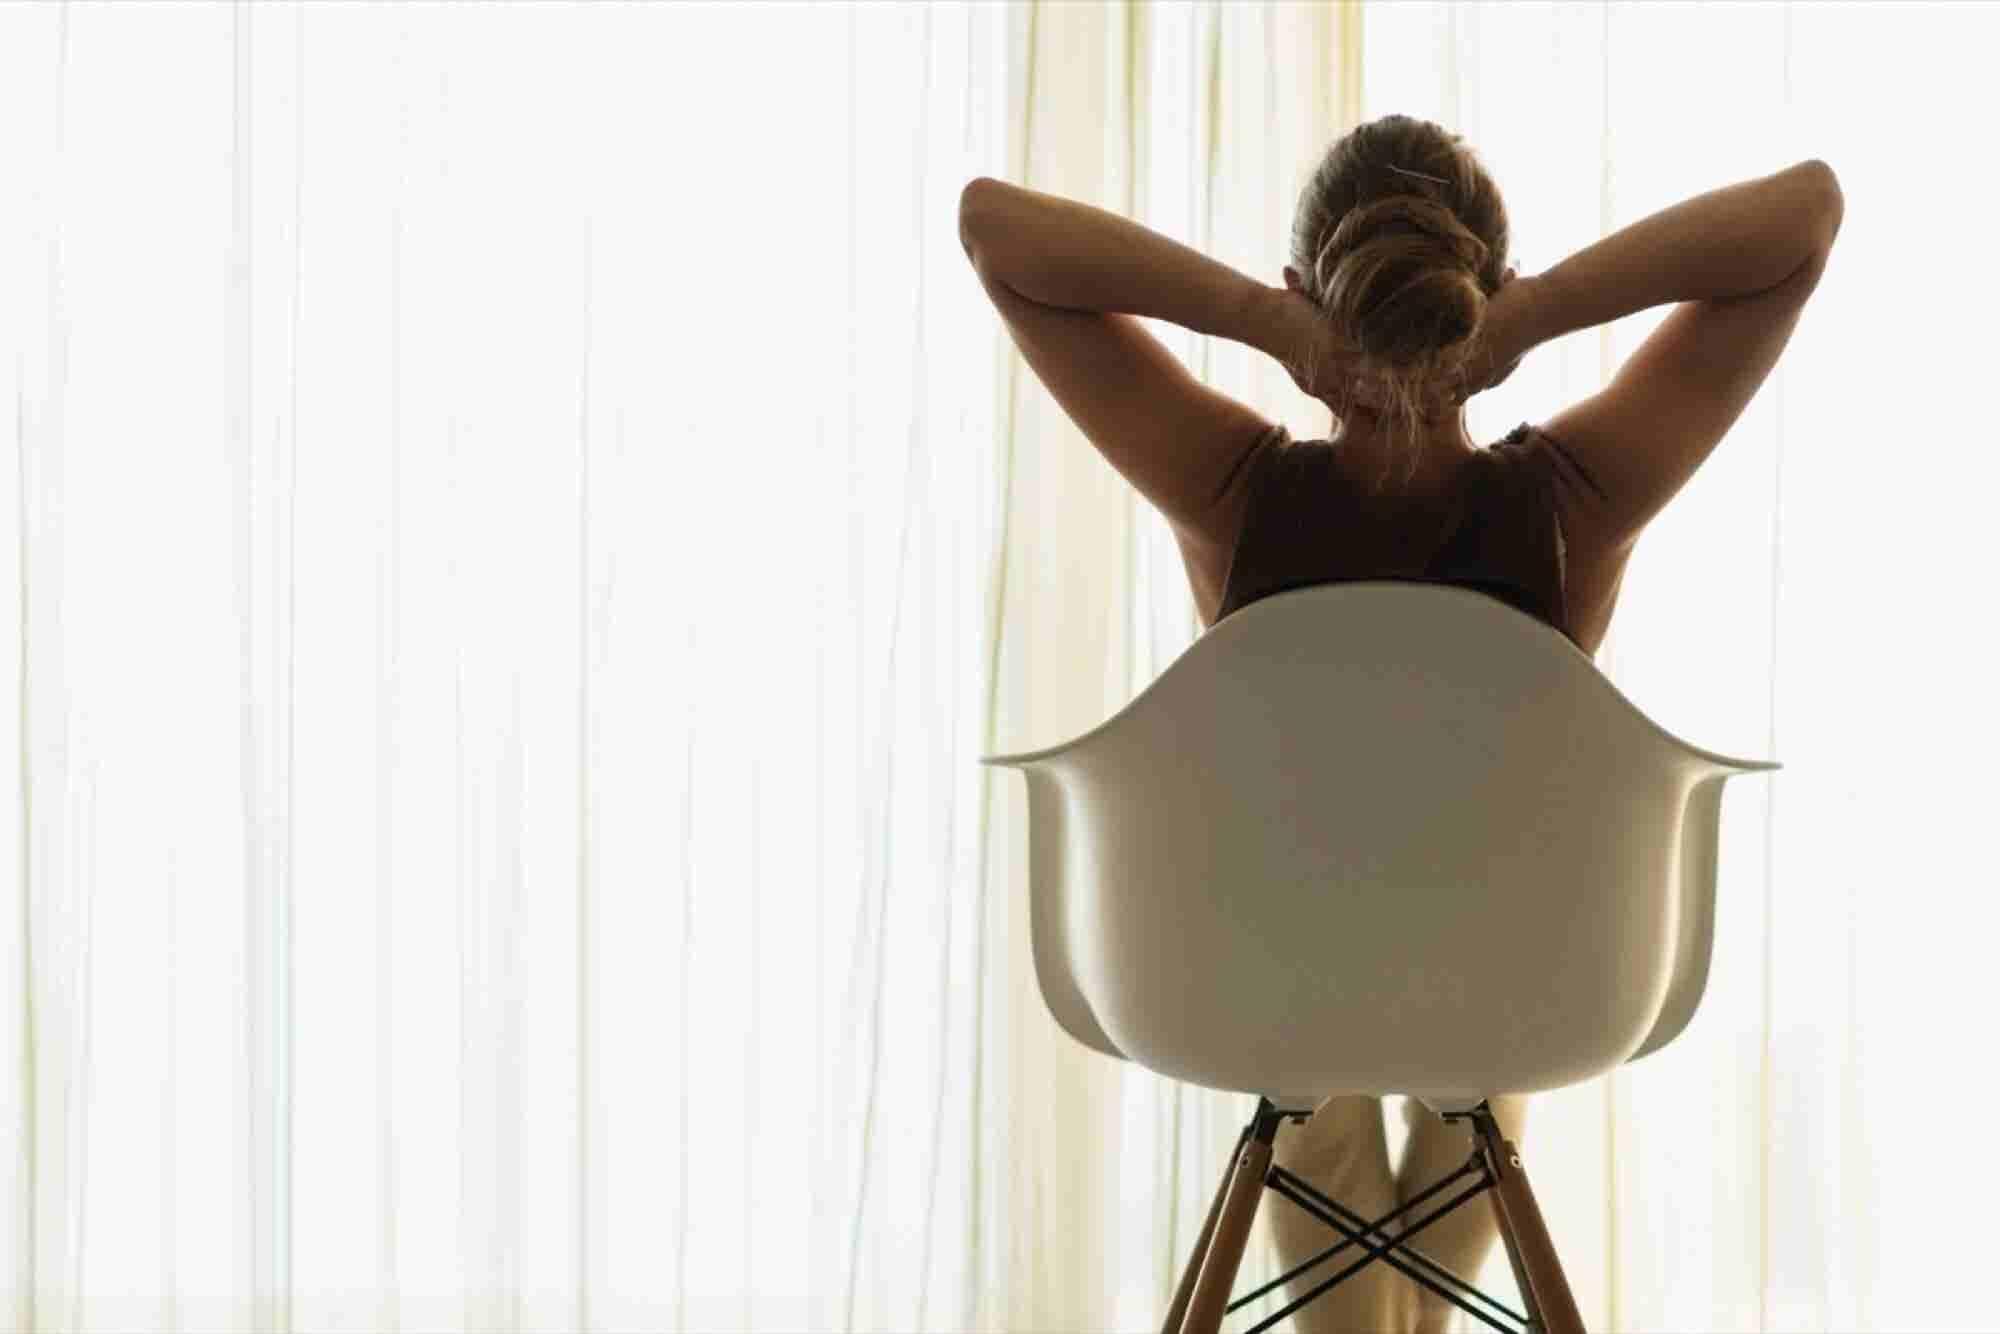 Los mejores empleos para un equilibrio vida-trabajo